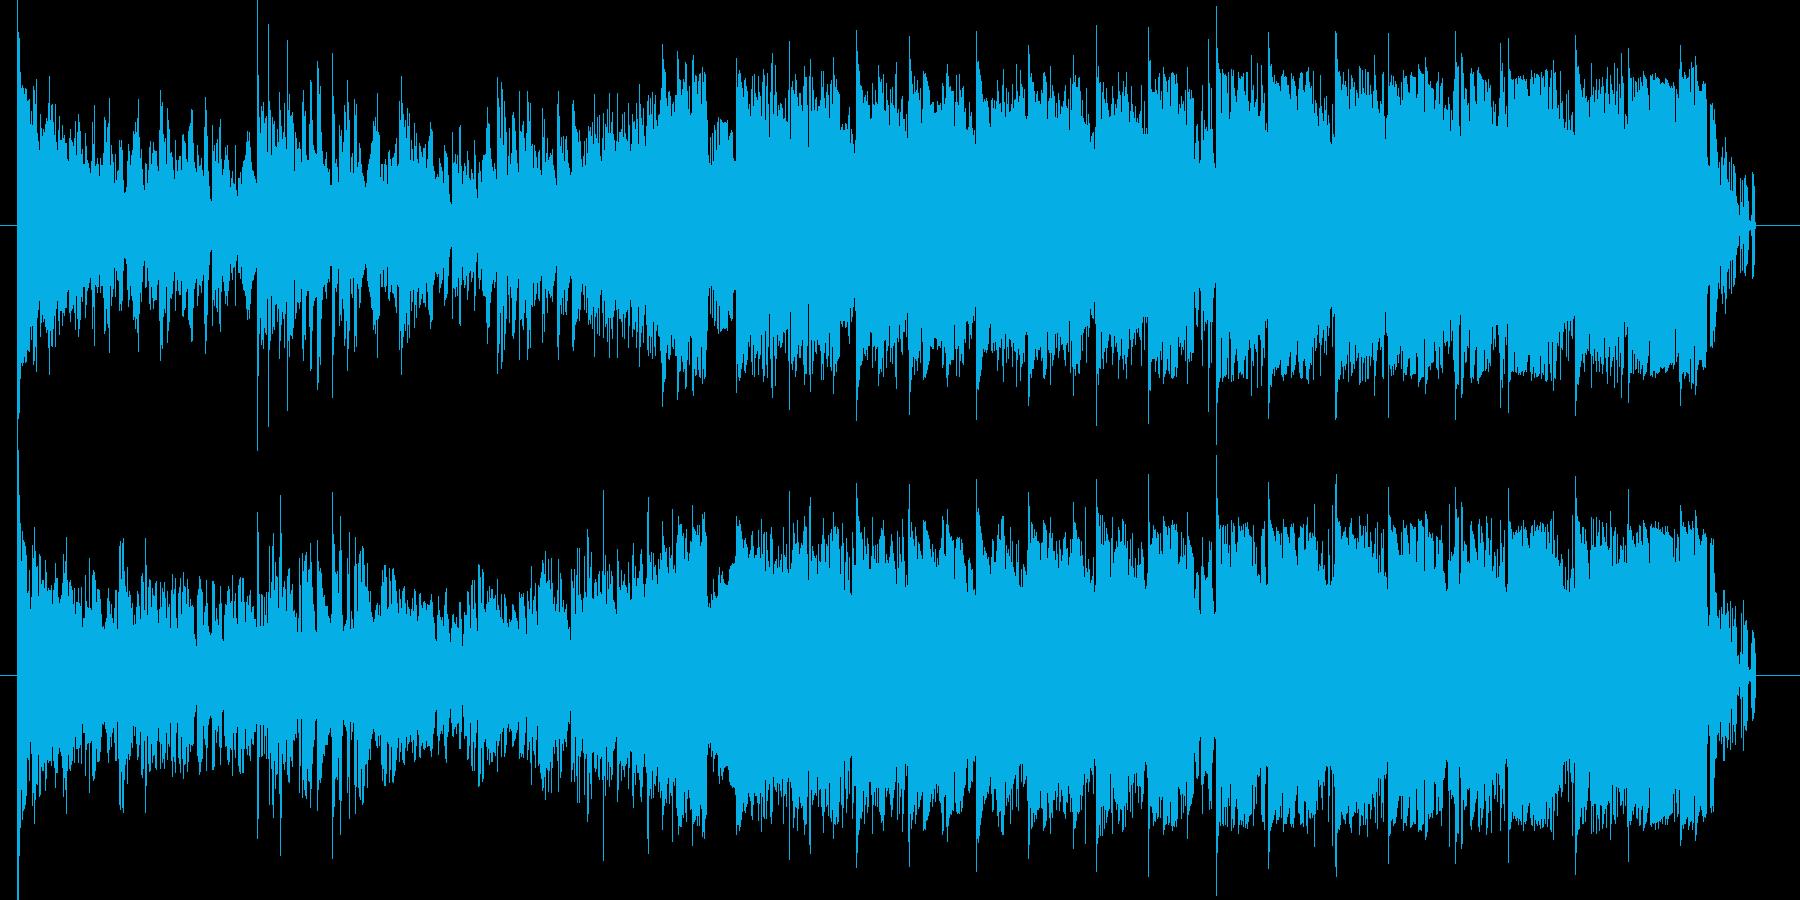 ダークで近未来的なEDMチューンの再生済みの波形